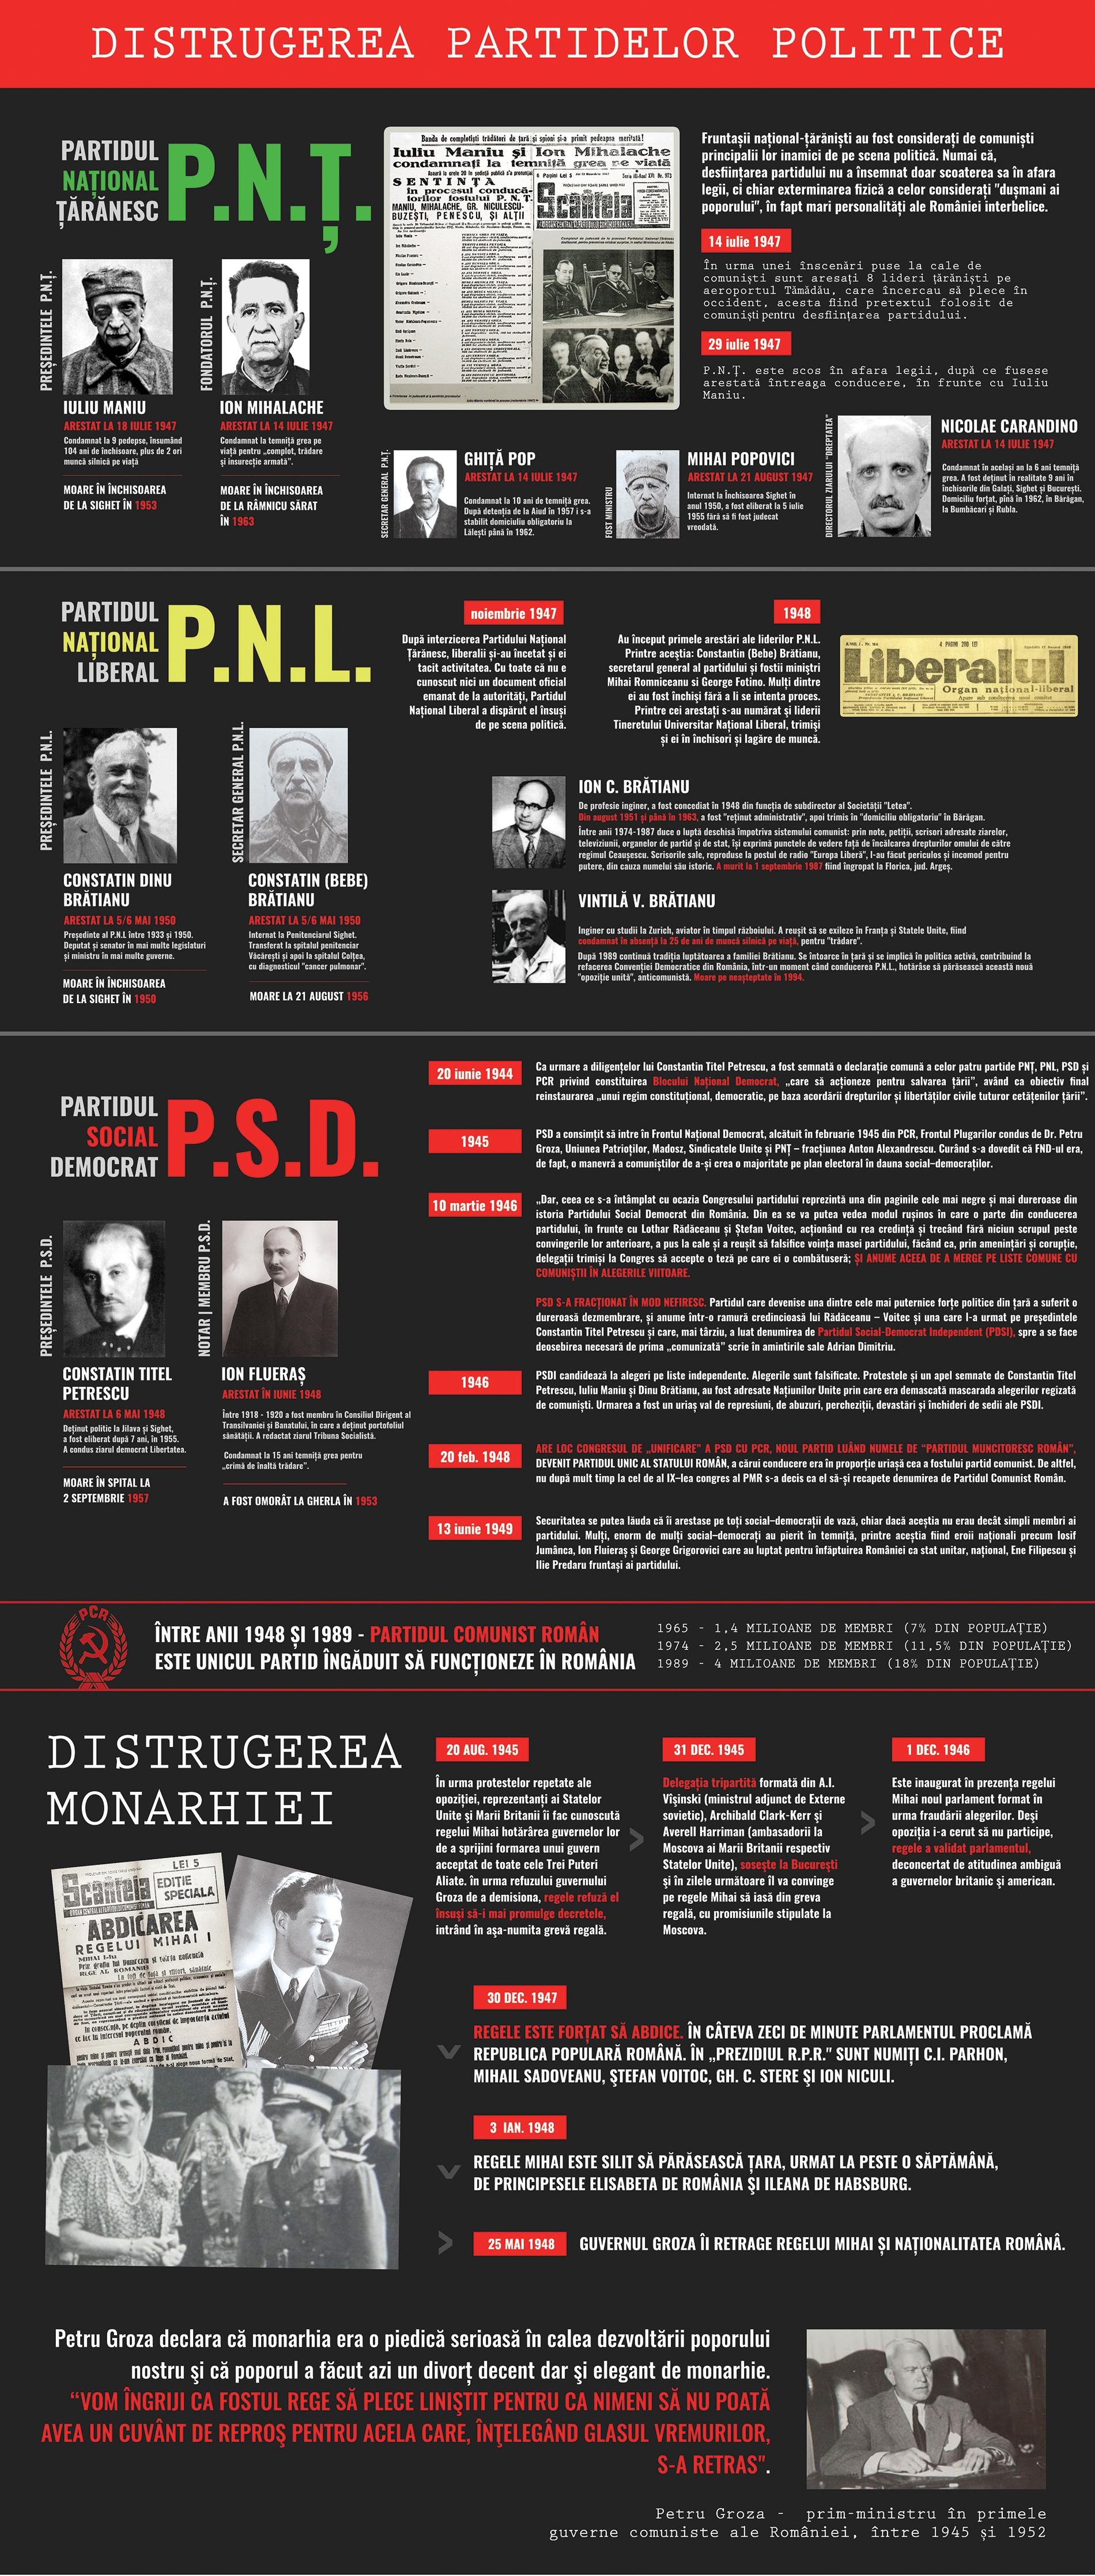 Distrugerea partidelor politice și a monarhiei - Bannerul 07 - Caravana Eroilor